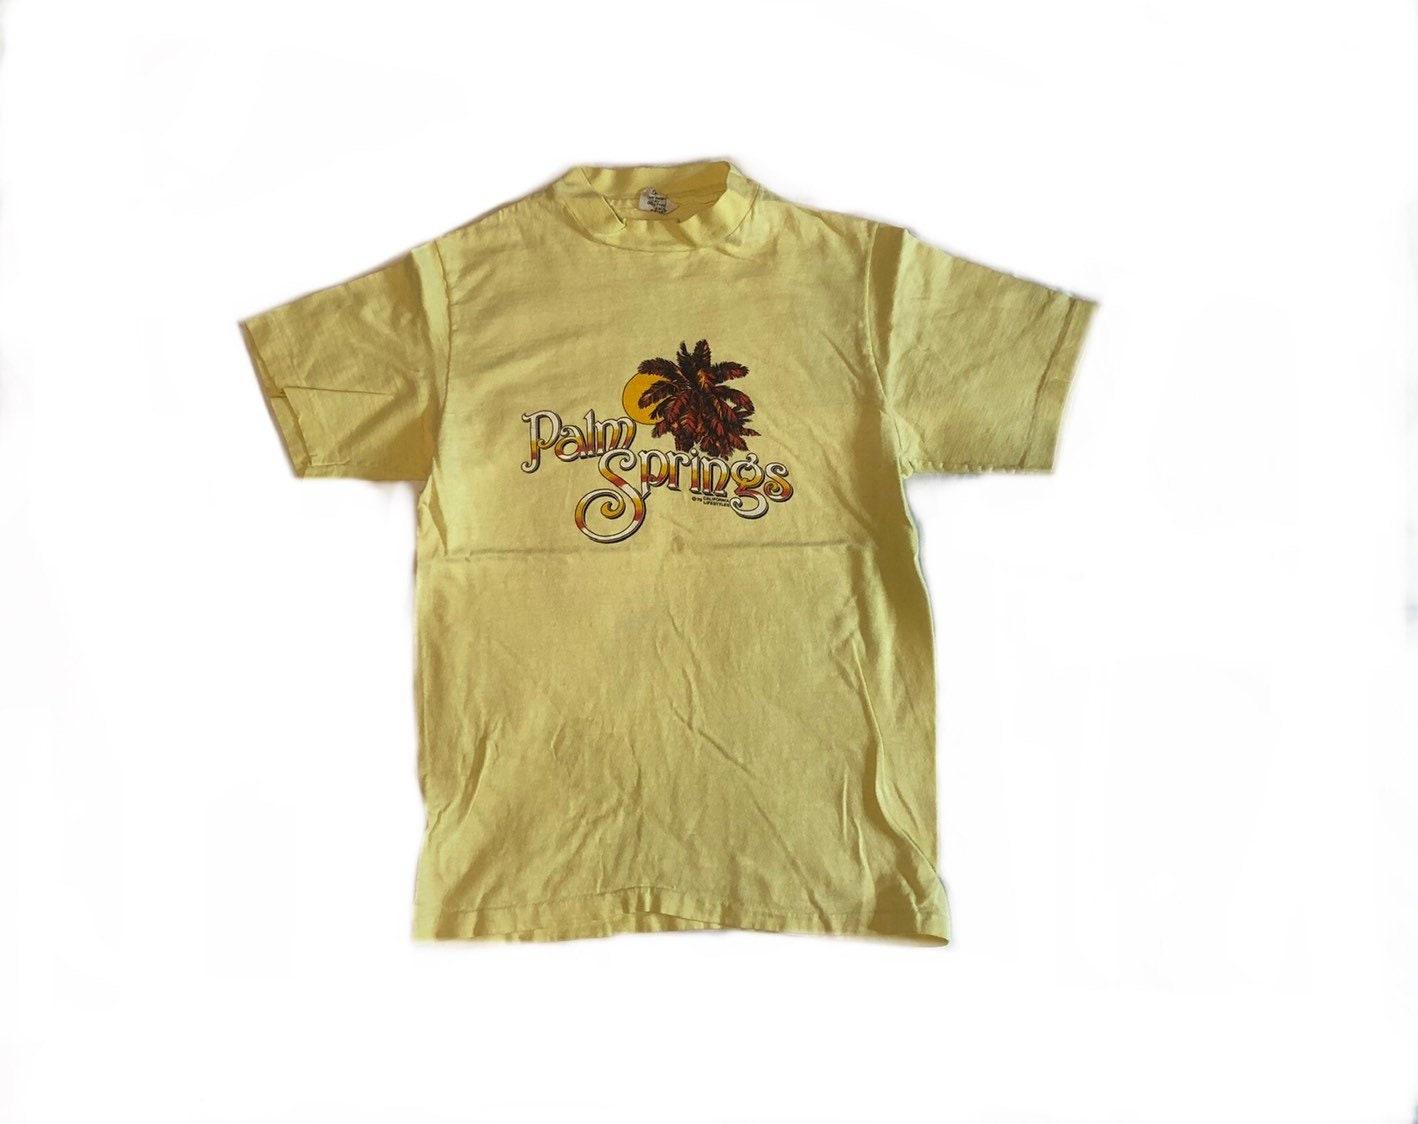 Palm Springs chemise VTG 1979 touristique Tshirt Vintage des des Vintage années 70 en Californie T-Shirt Hanes Tag Made in USA seul point petite 2b0ea7